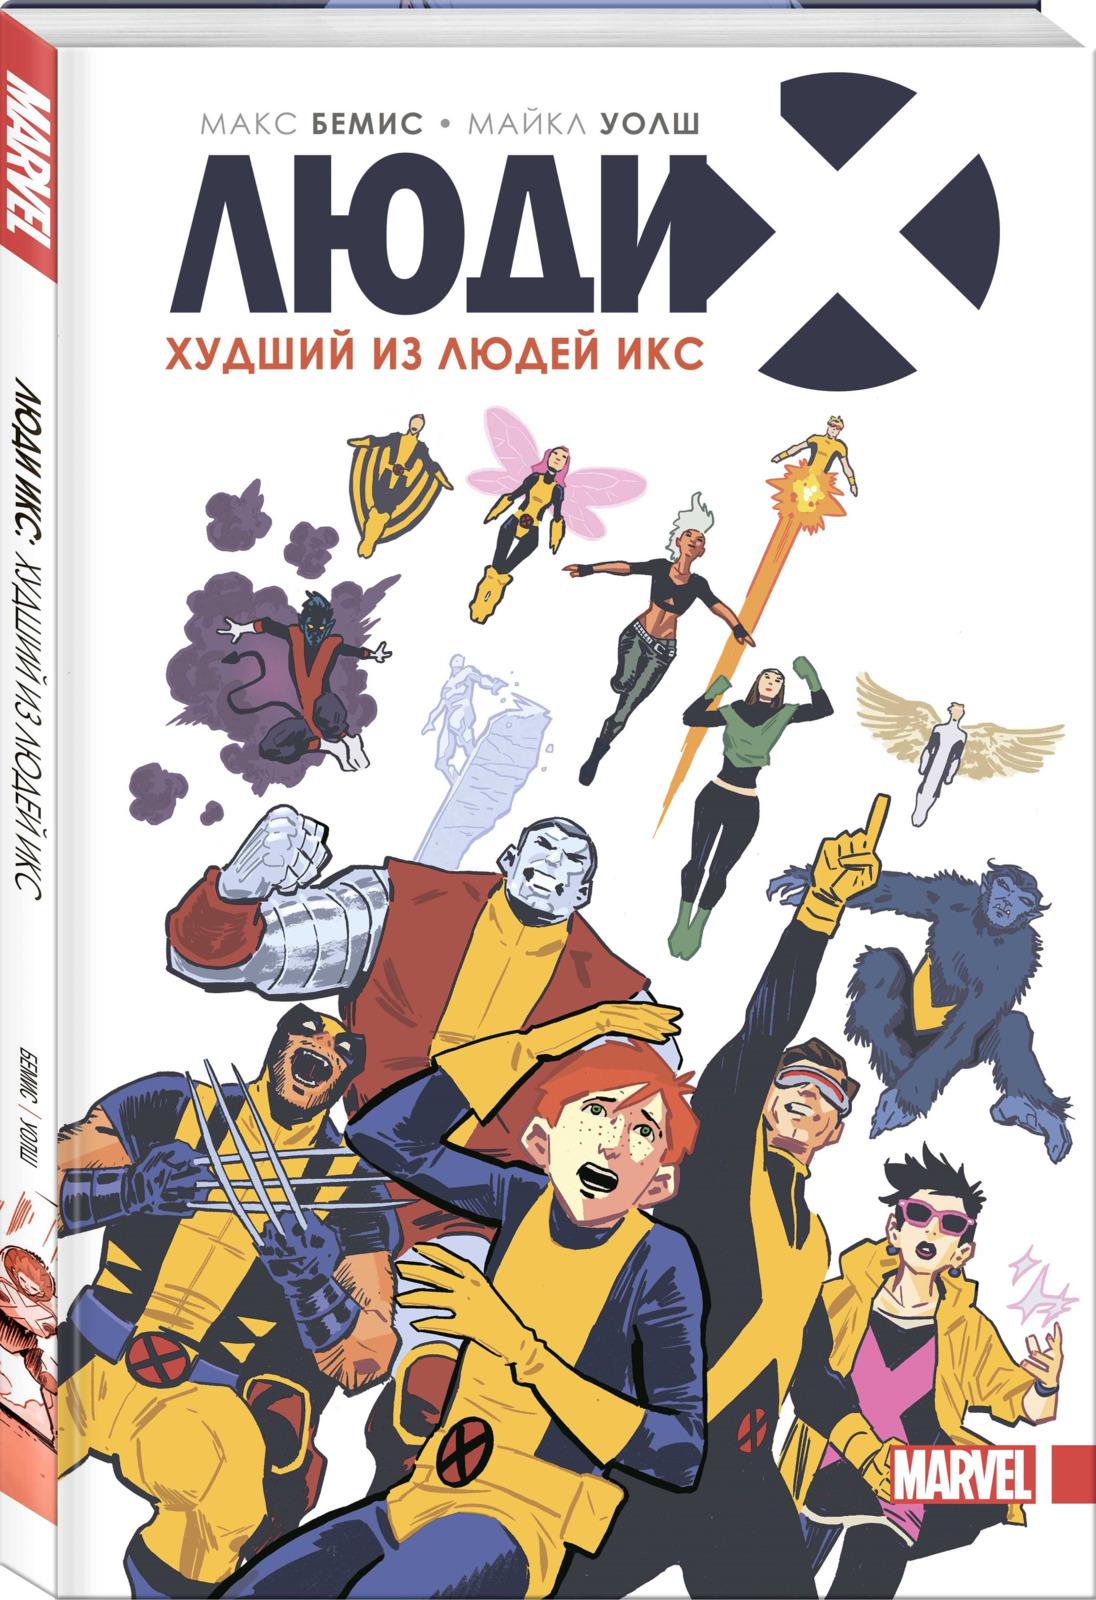 Макс Бемиш Люди Икс. Худший из Людей Икс